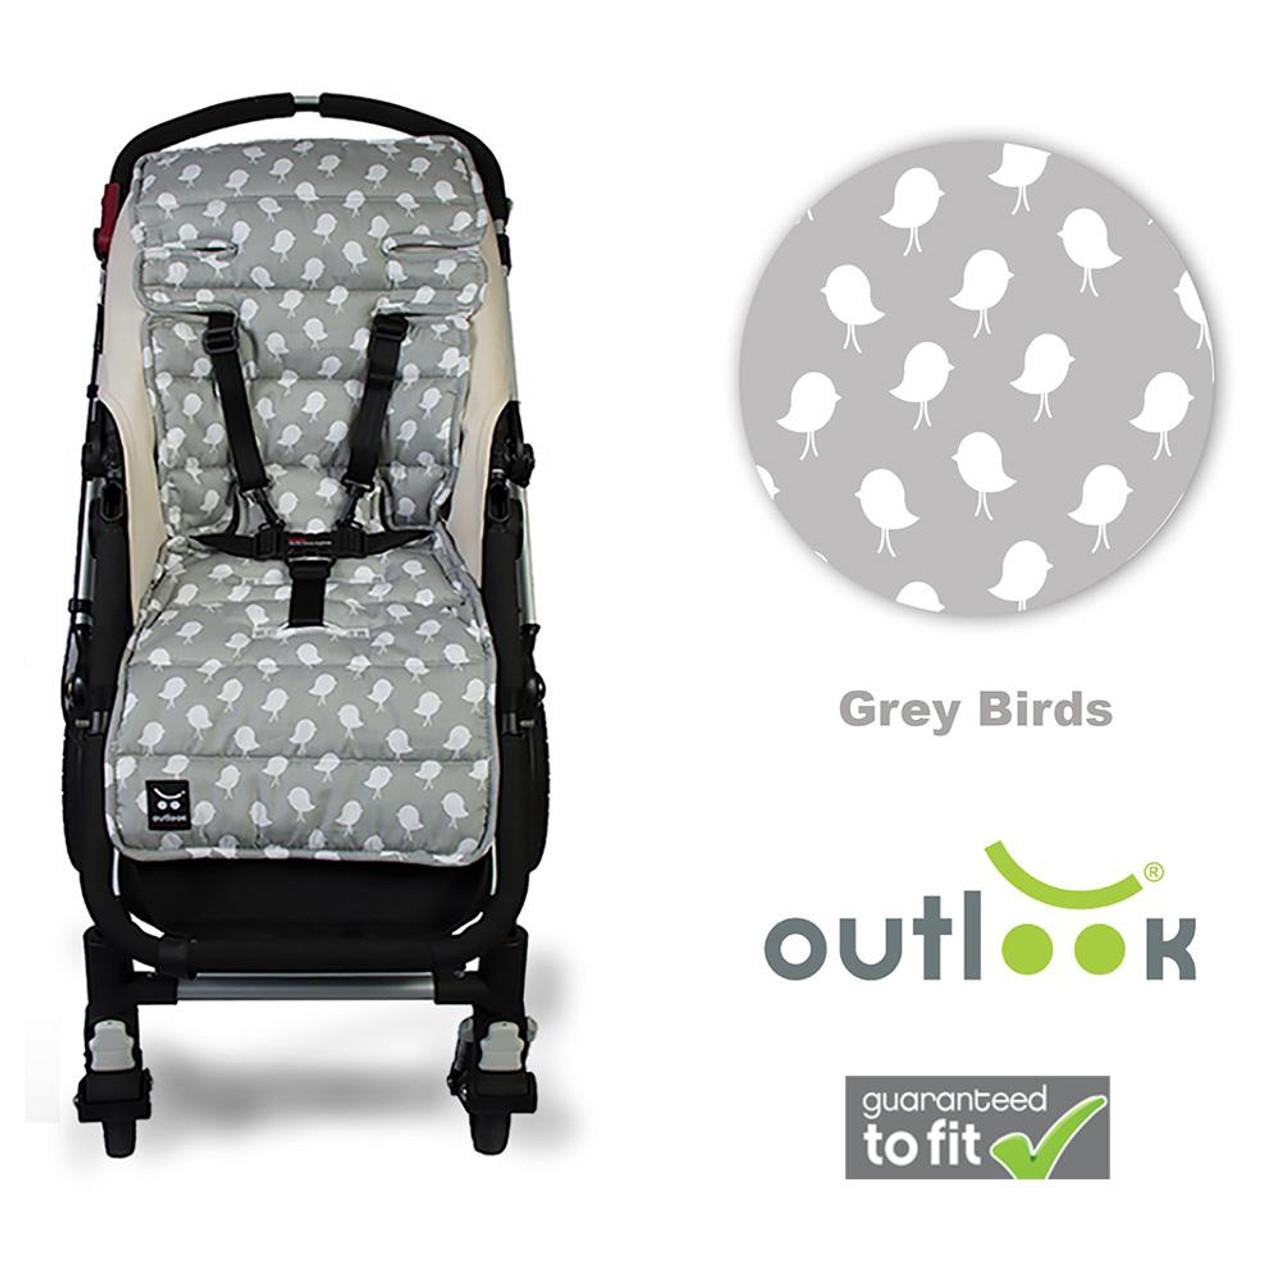 Outlook Pram Liner - GREY BIRDS